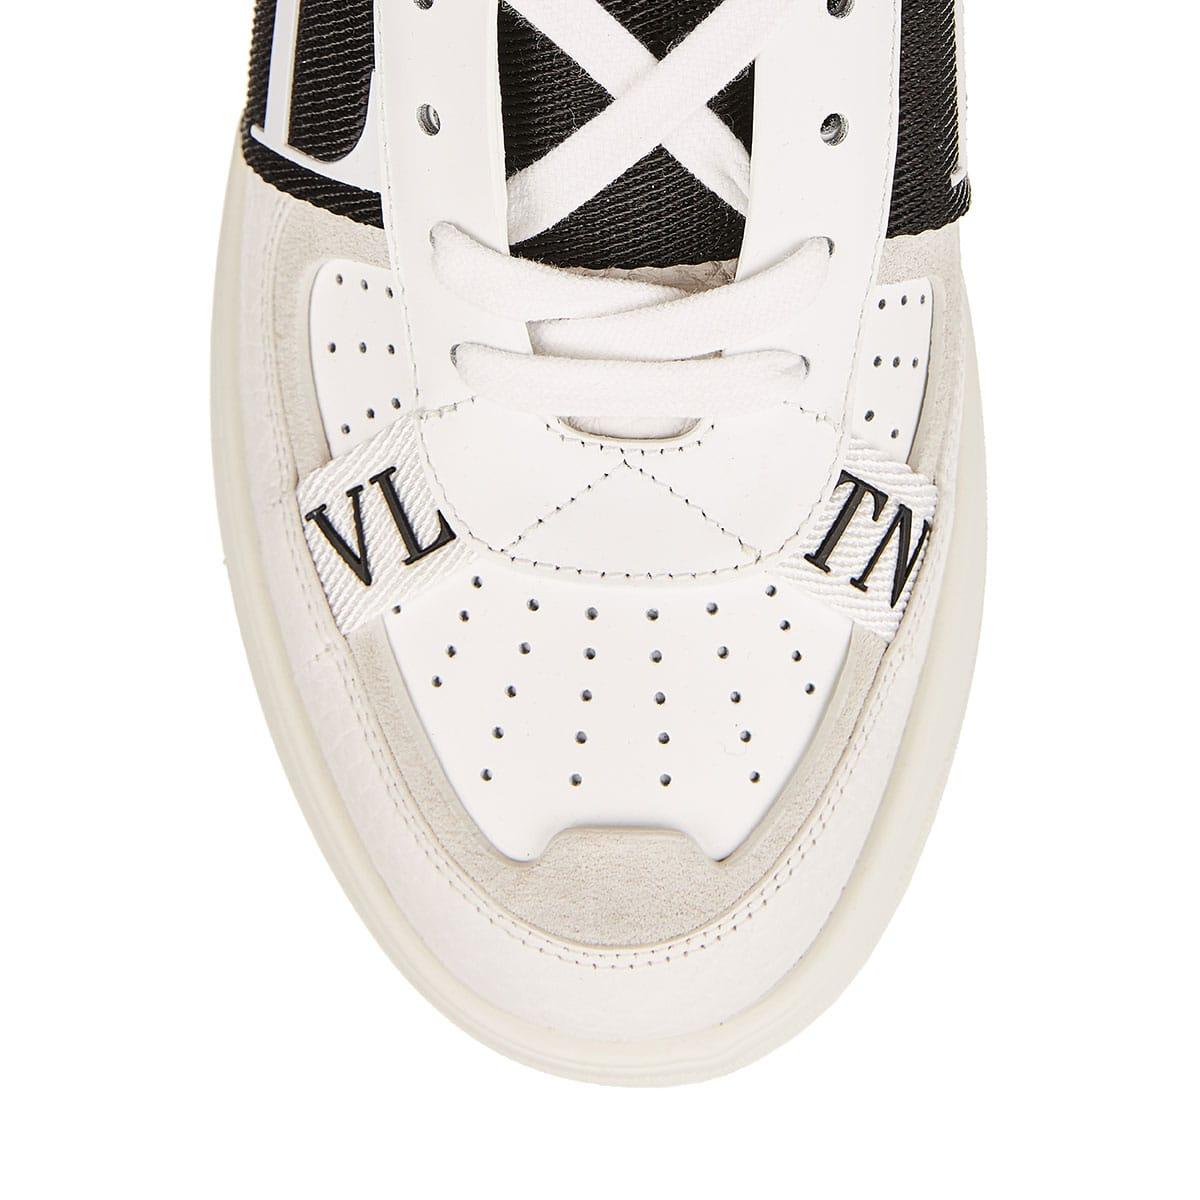 VL7N logo leather sneakers